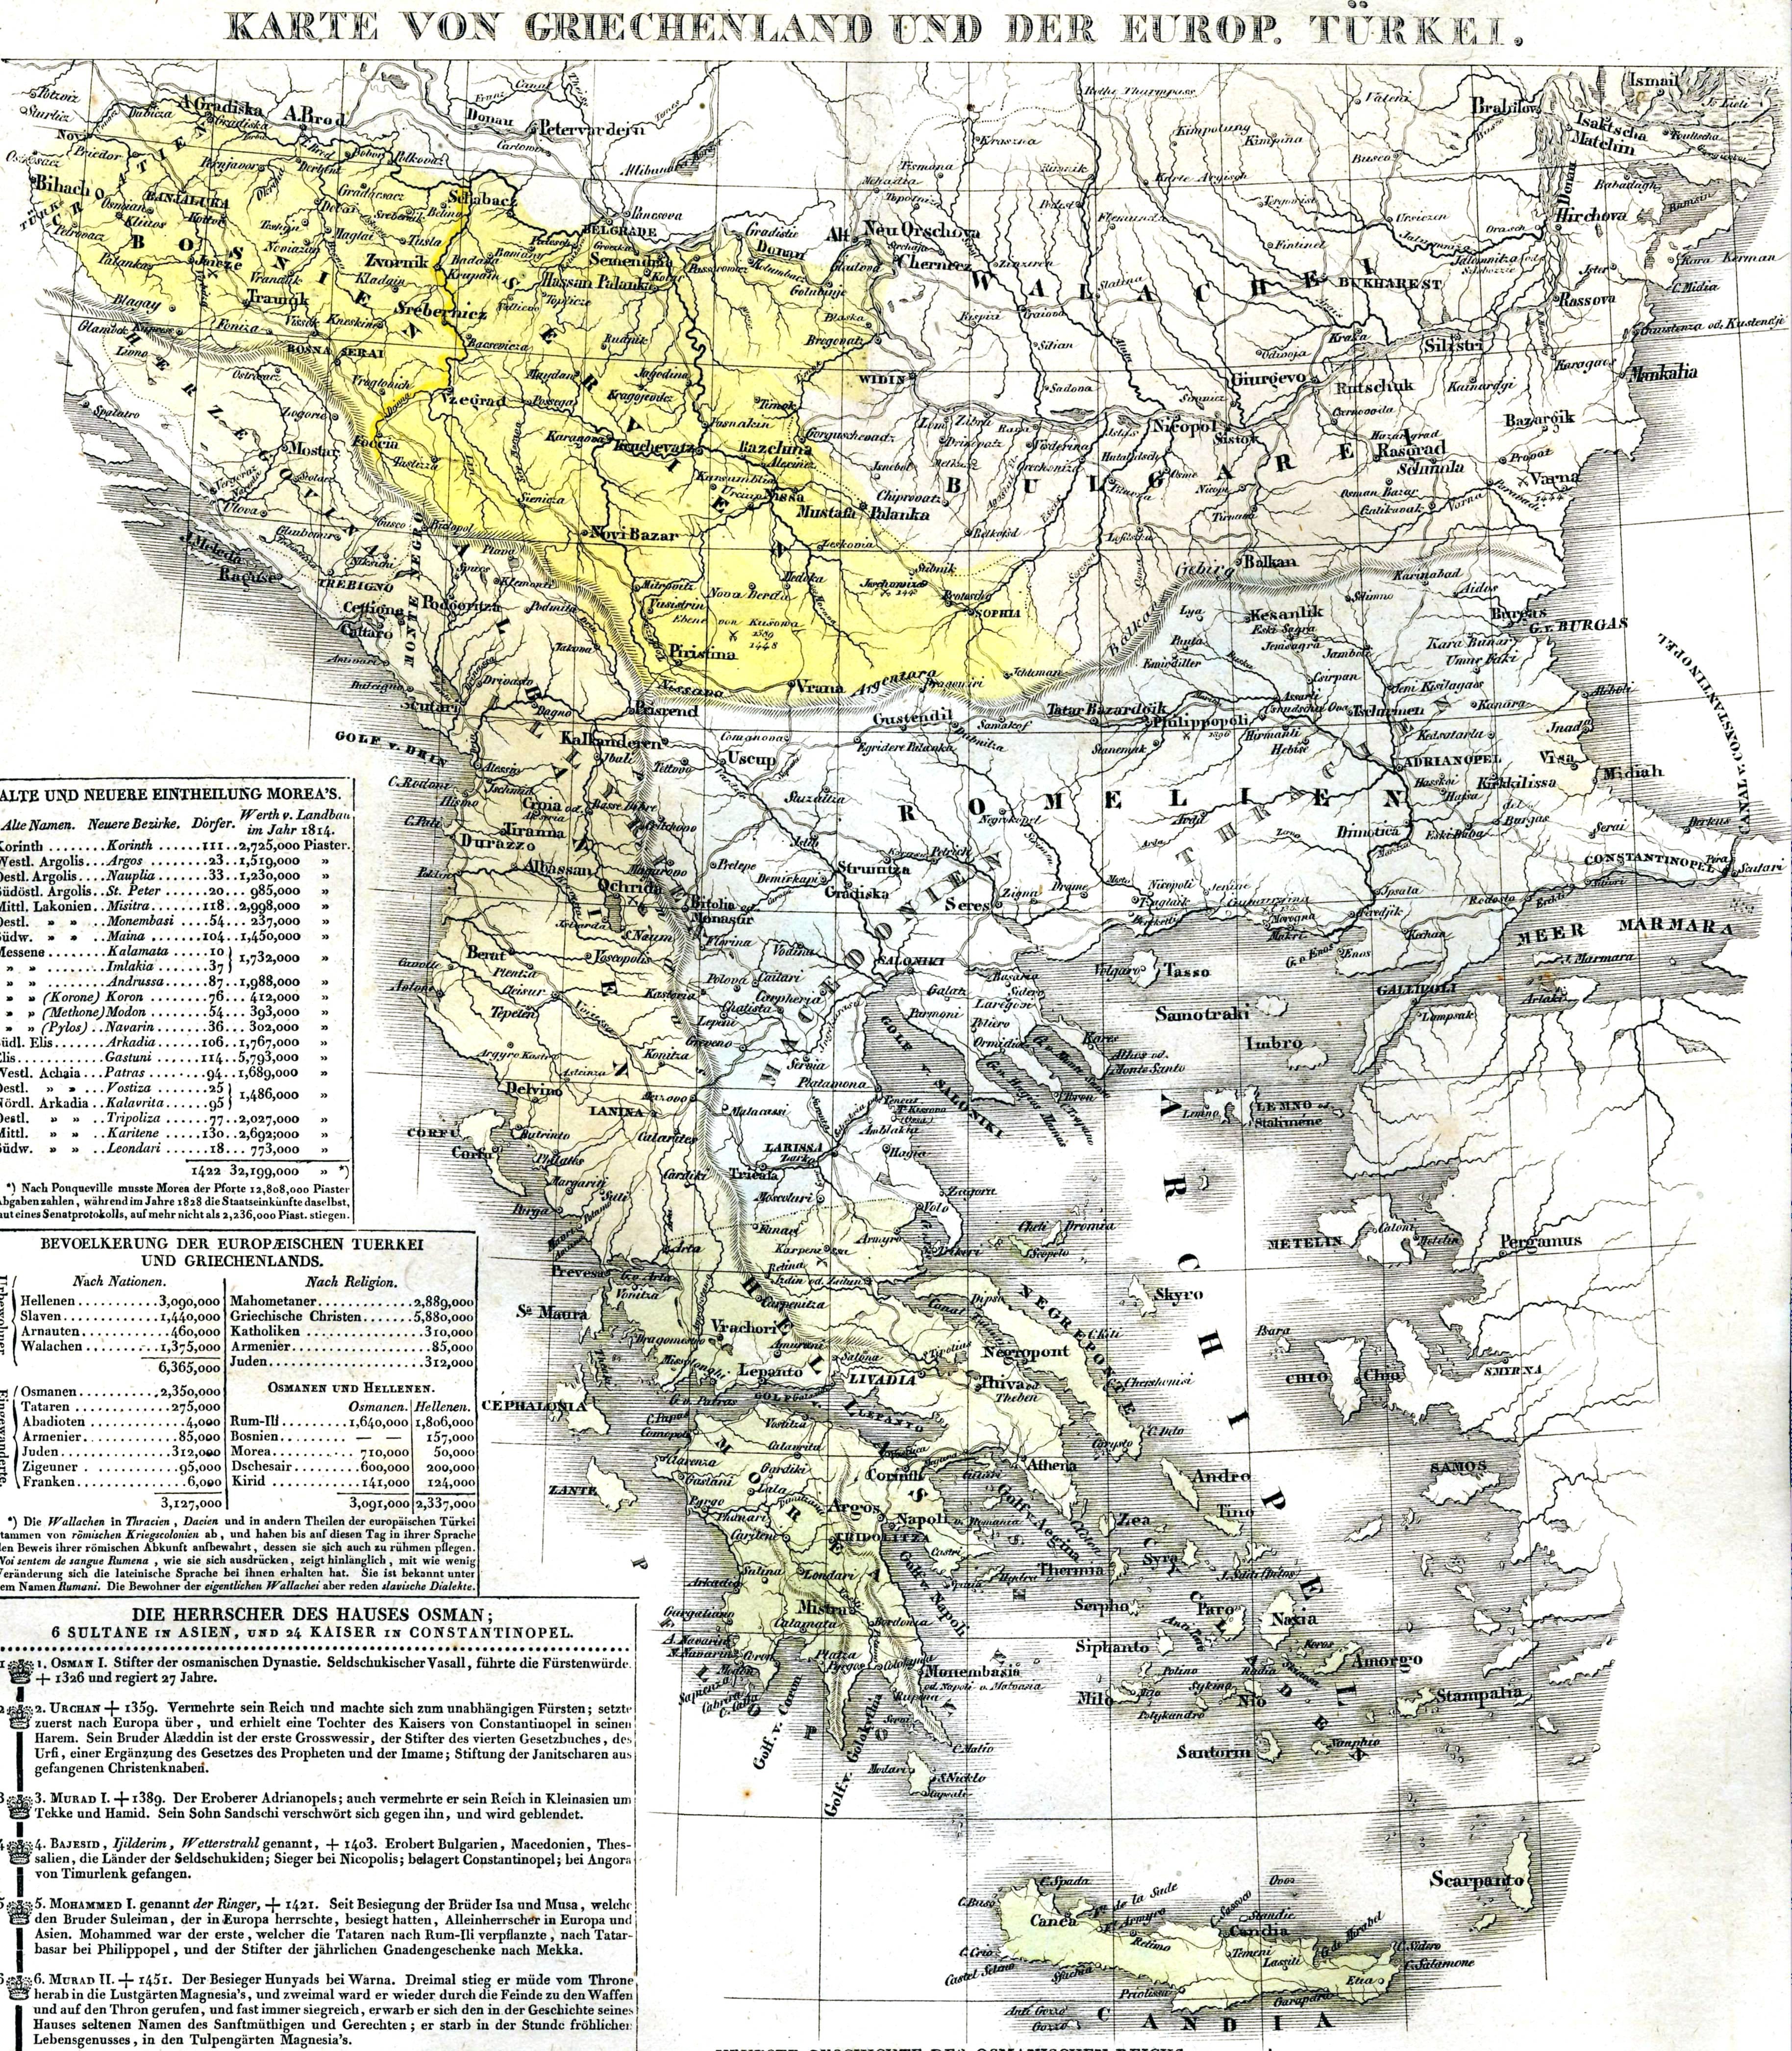 Karte Griechenland.Datei Karte Von Griechenland Und Der Europäischen Türkei 1829 Jpg